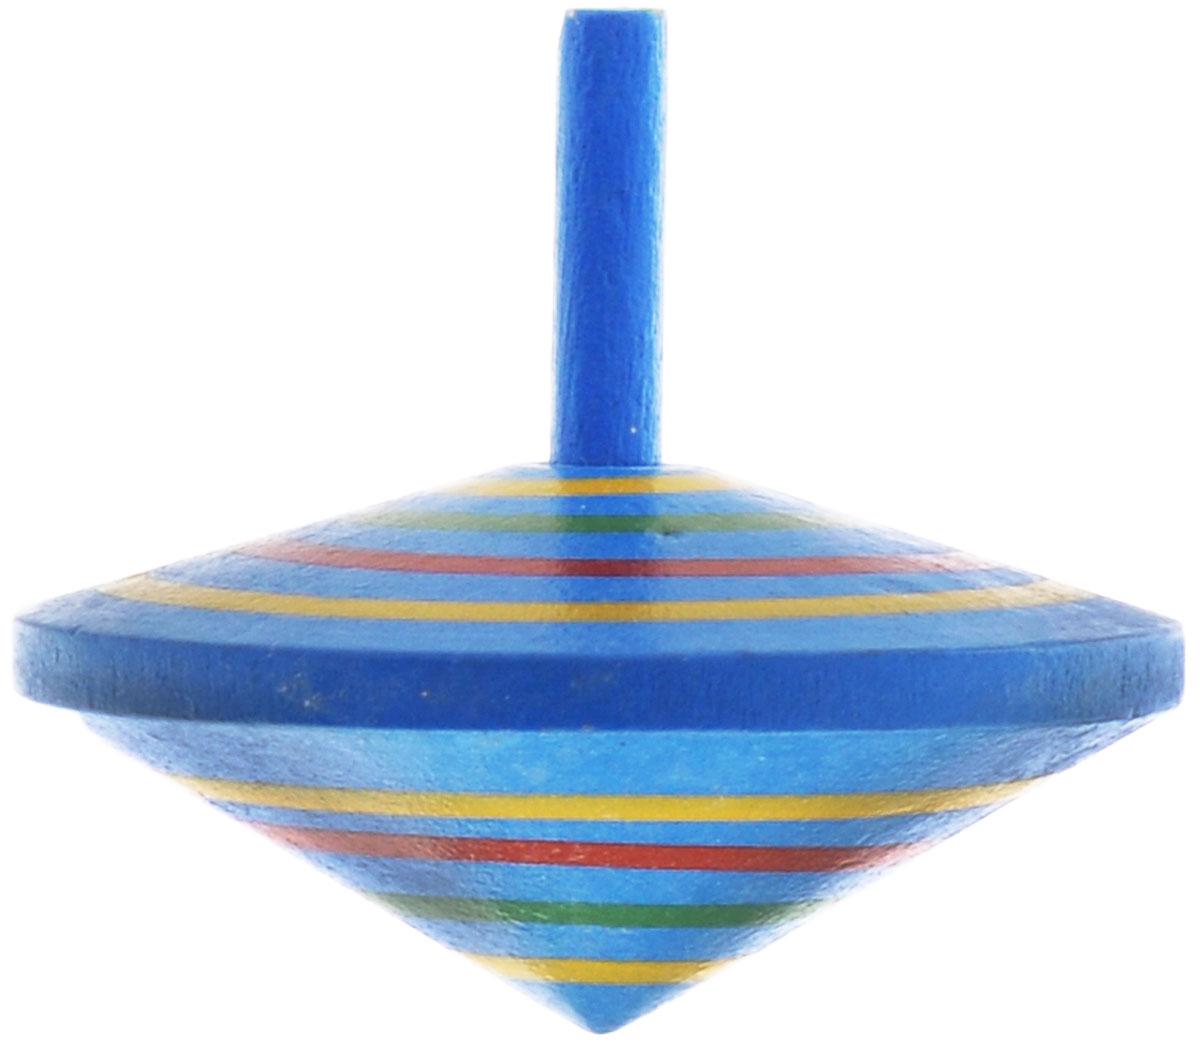 Mapacha Волчок Спиралька, цвет: синий76417_синийВолчок Спиралька динамическая игрушка, которая знакомит ребенка с физическими понятиями равновесия и движения. Выполнена из качественной древесины. У него тонкая удобная ручка и небольшой вес. Играя с волчком, ребенок развивает внимательность, учится правильно рассчитывать силу и точность движения пальцев и кисти.